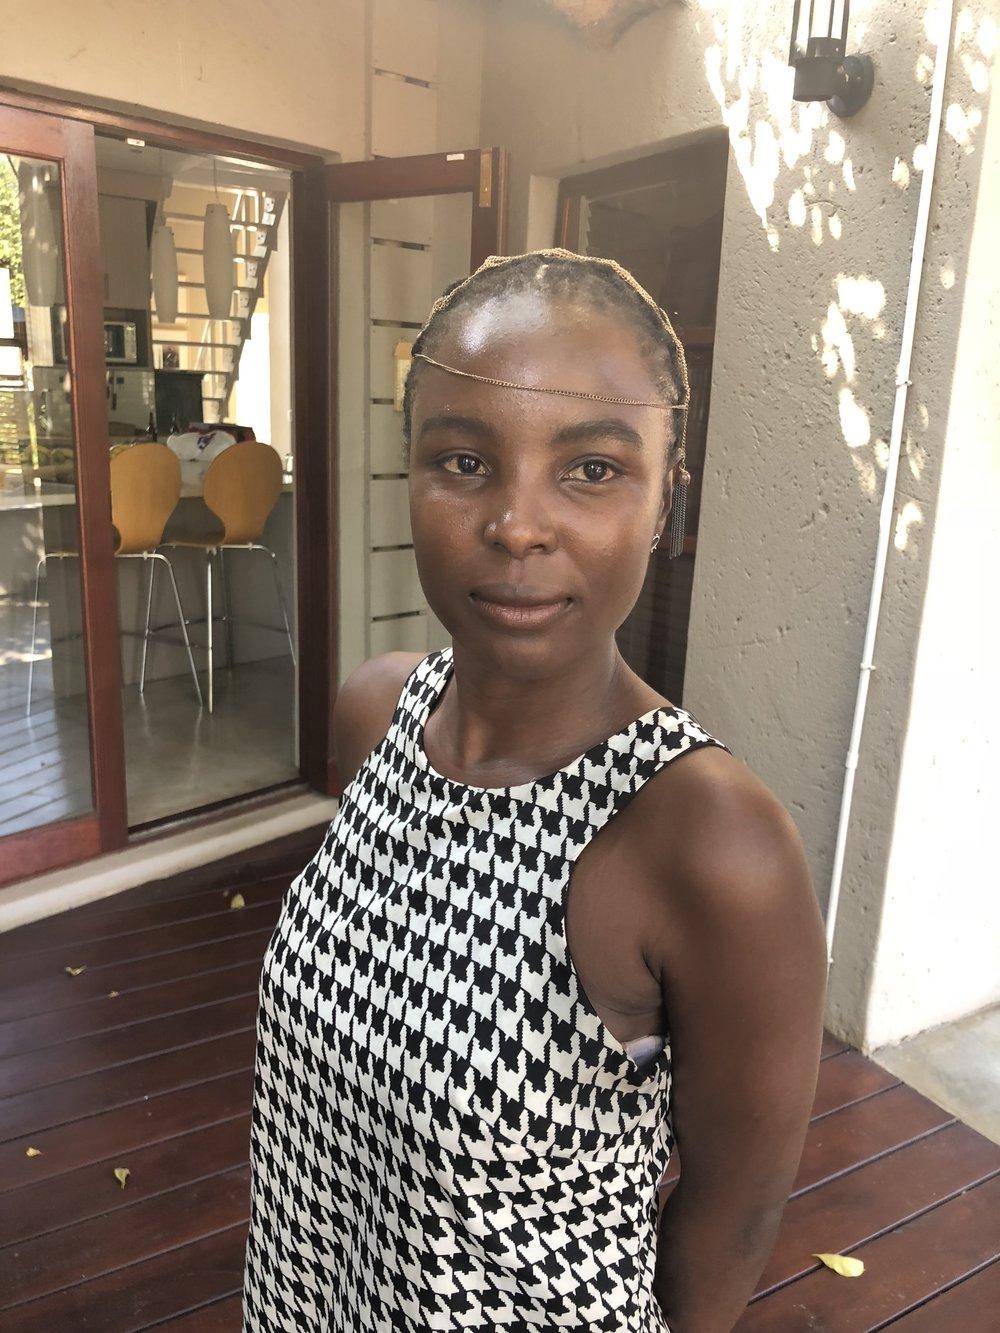 Lerato - Kwa Zulu Natel - South Africa